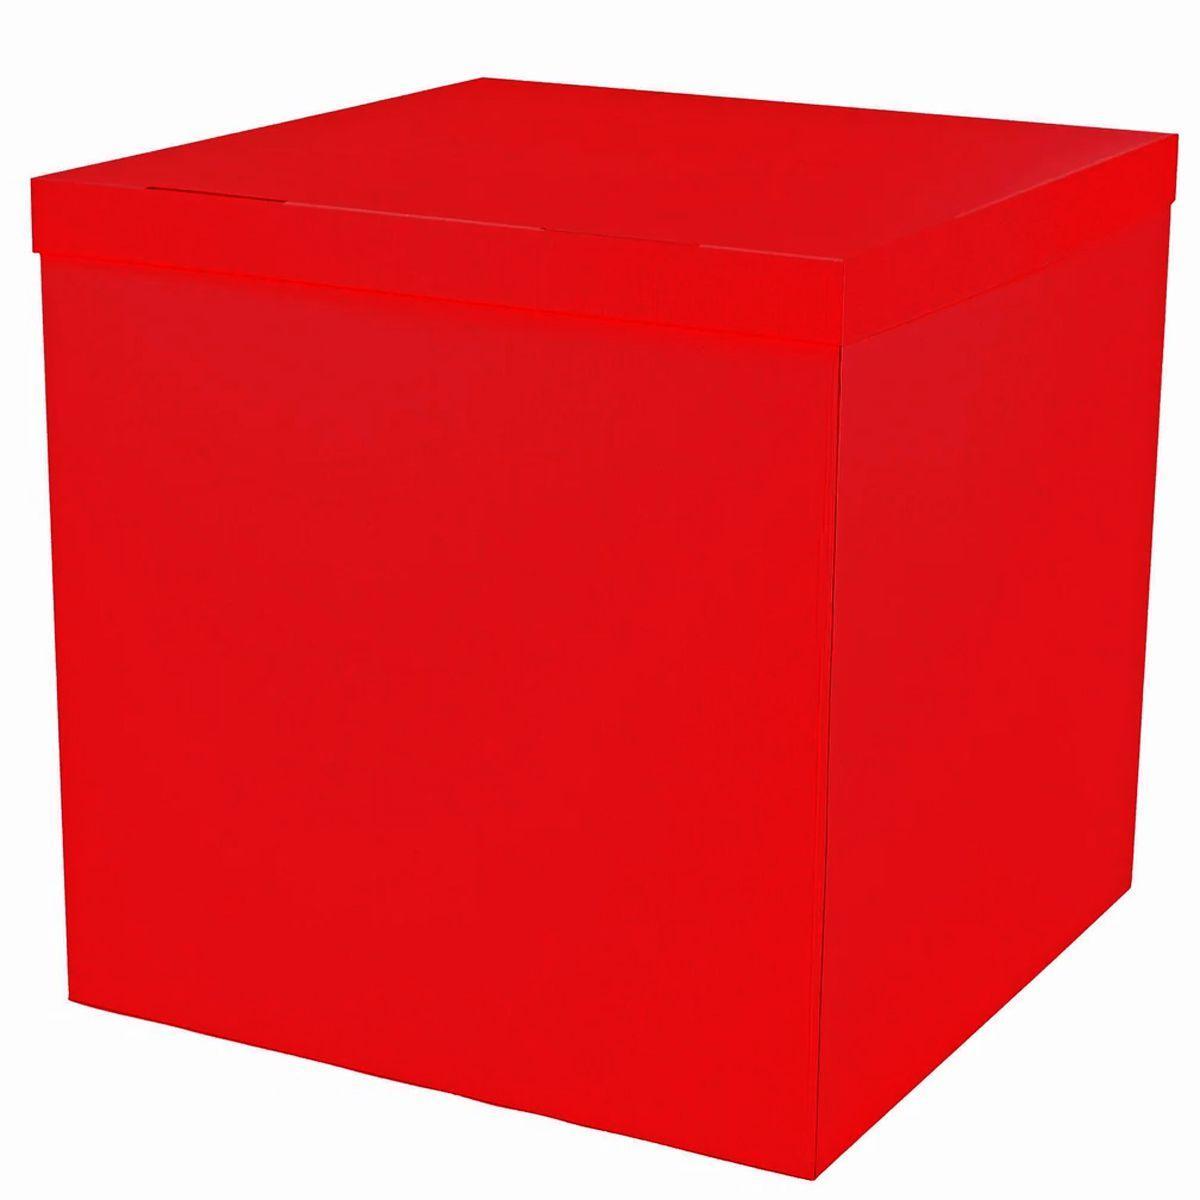 Коробка-сюрприз 70х70х70см красная